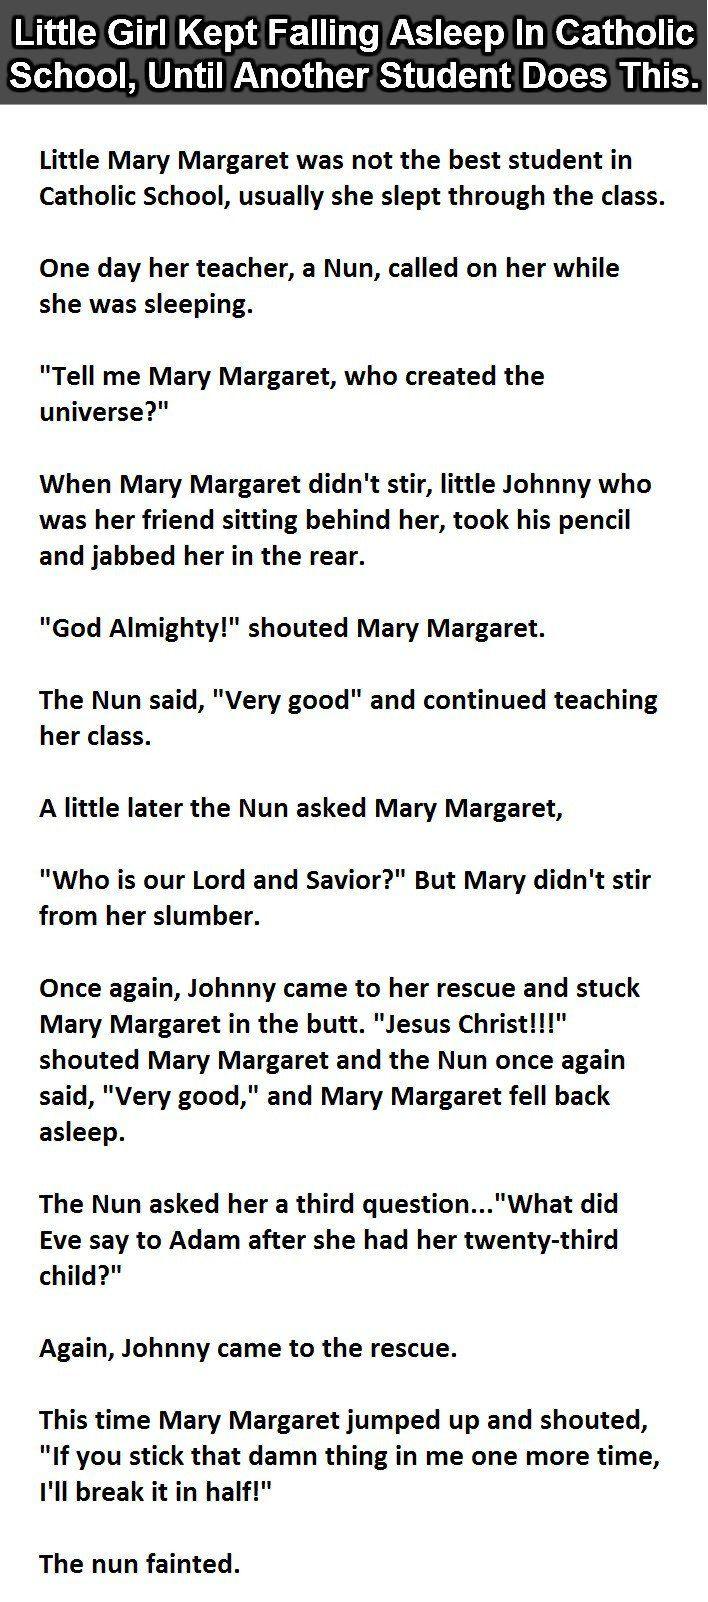 ...Little Mary Margaret